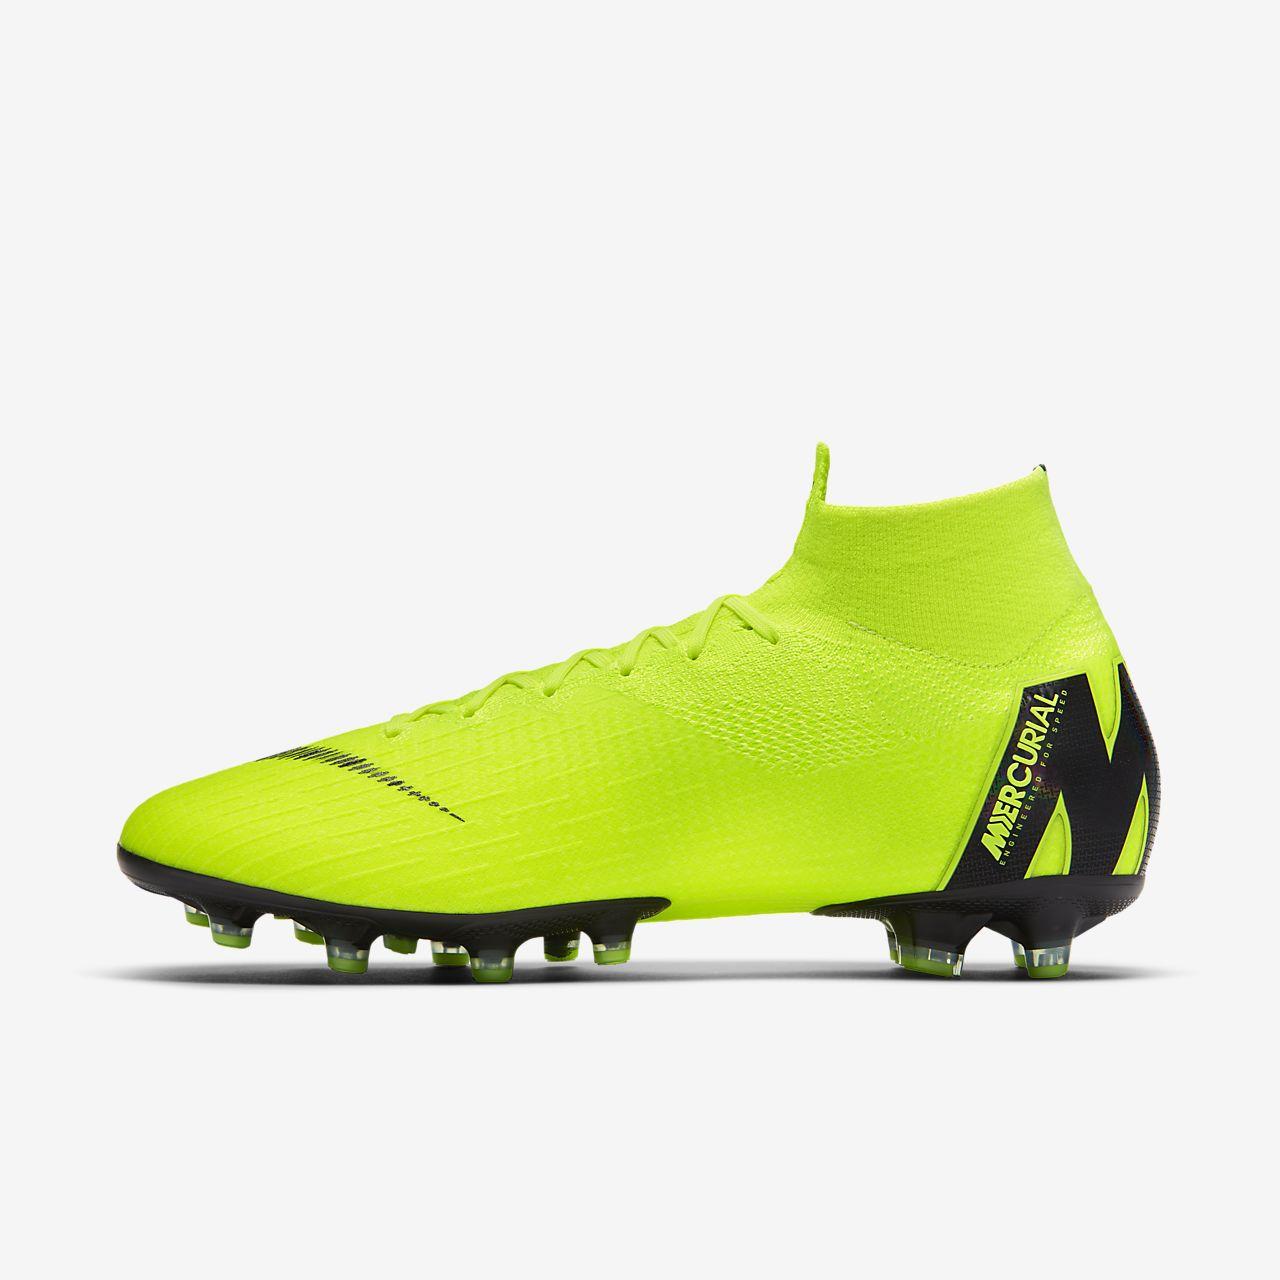 Nike Mercurial Superfly 360 Elite AG-PRO Voetbalschoen (kunstgras)